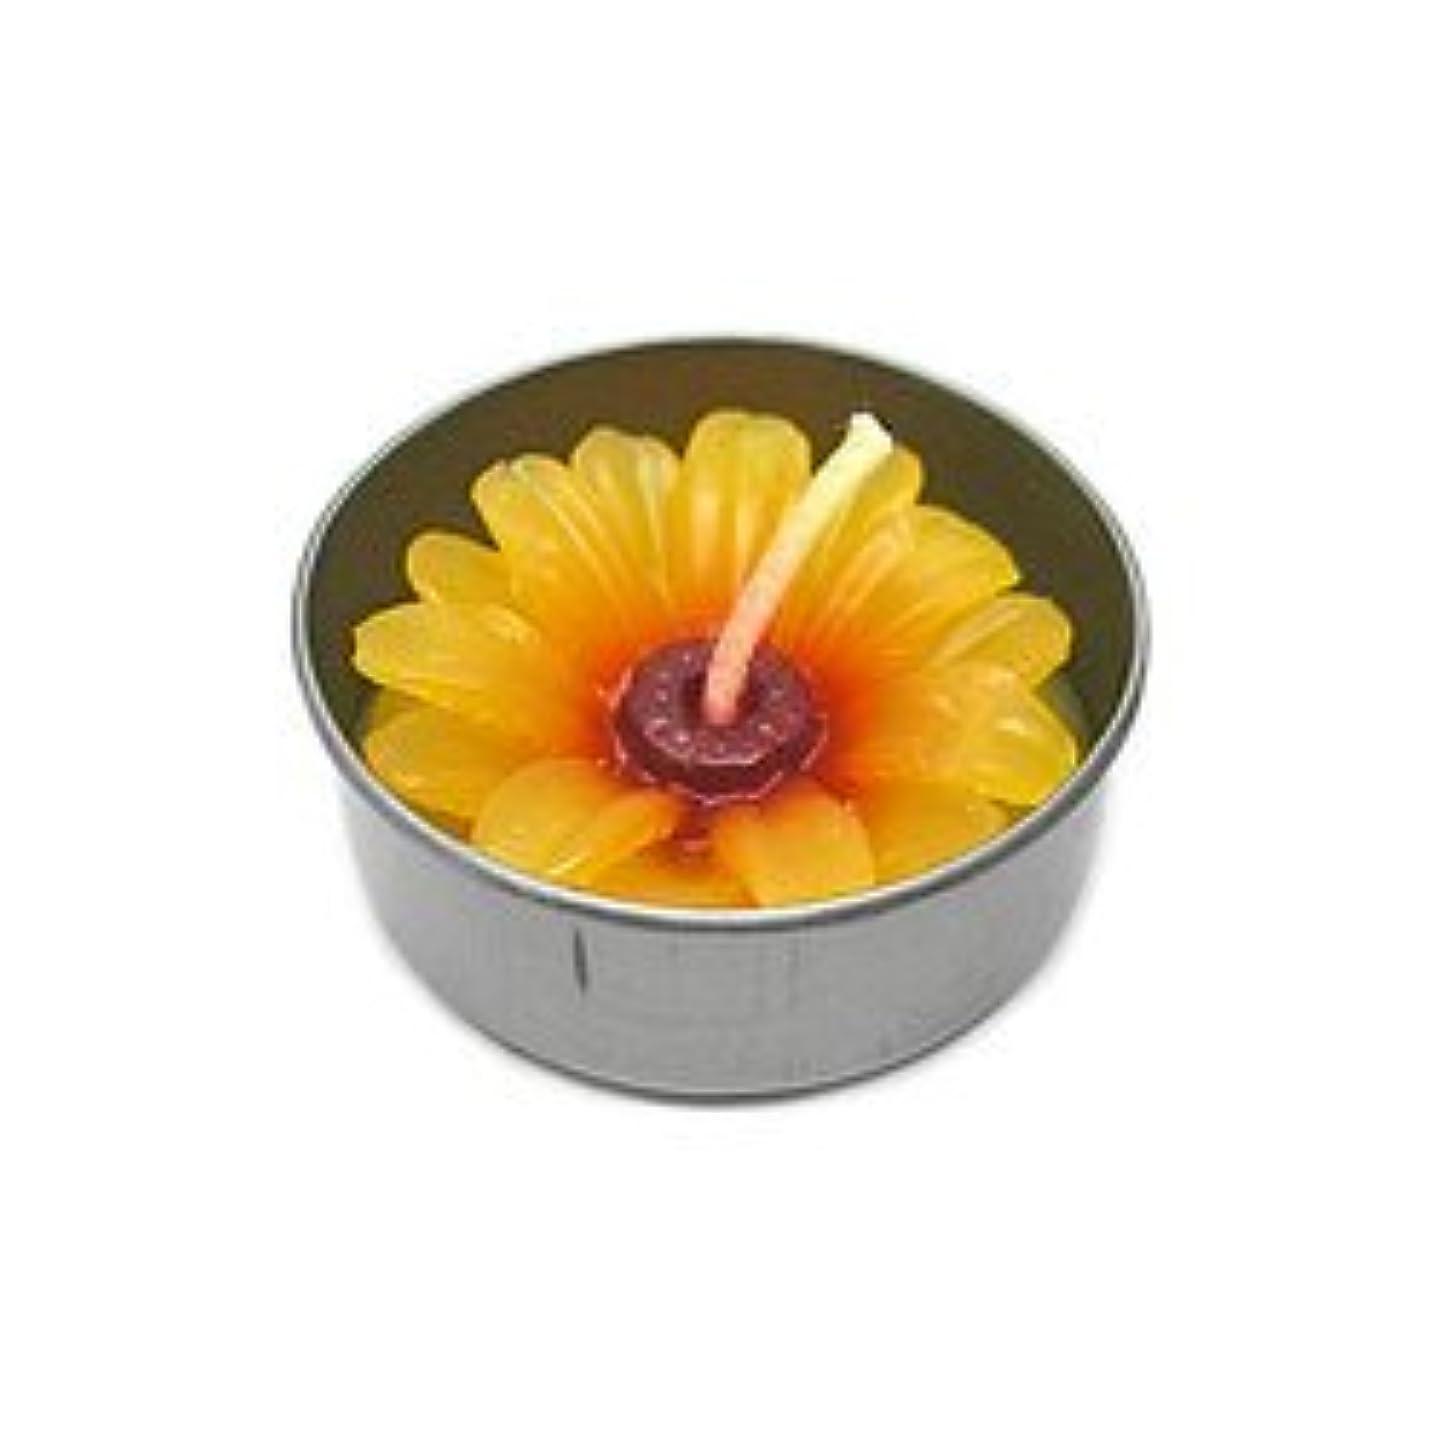 手順出しますクレアアロマキャンドル  ミニ お花 薄オレンジ 鉄の器入り 器直径4cm アジアン雑貨